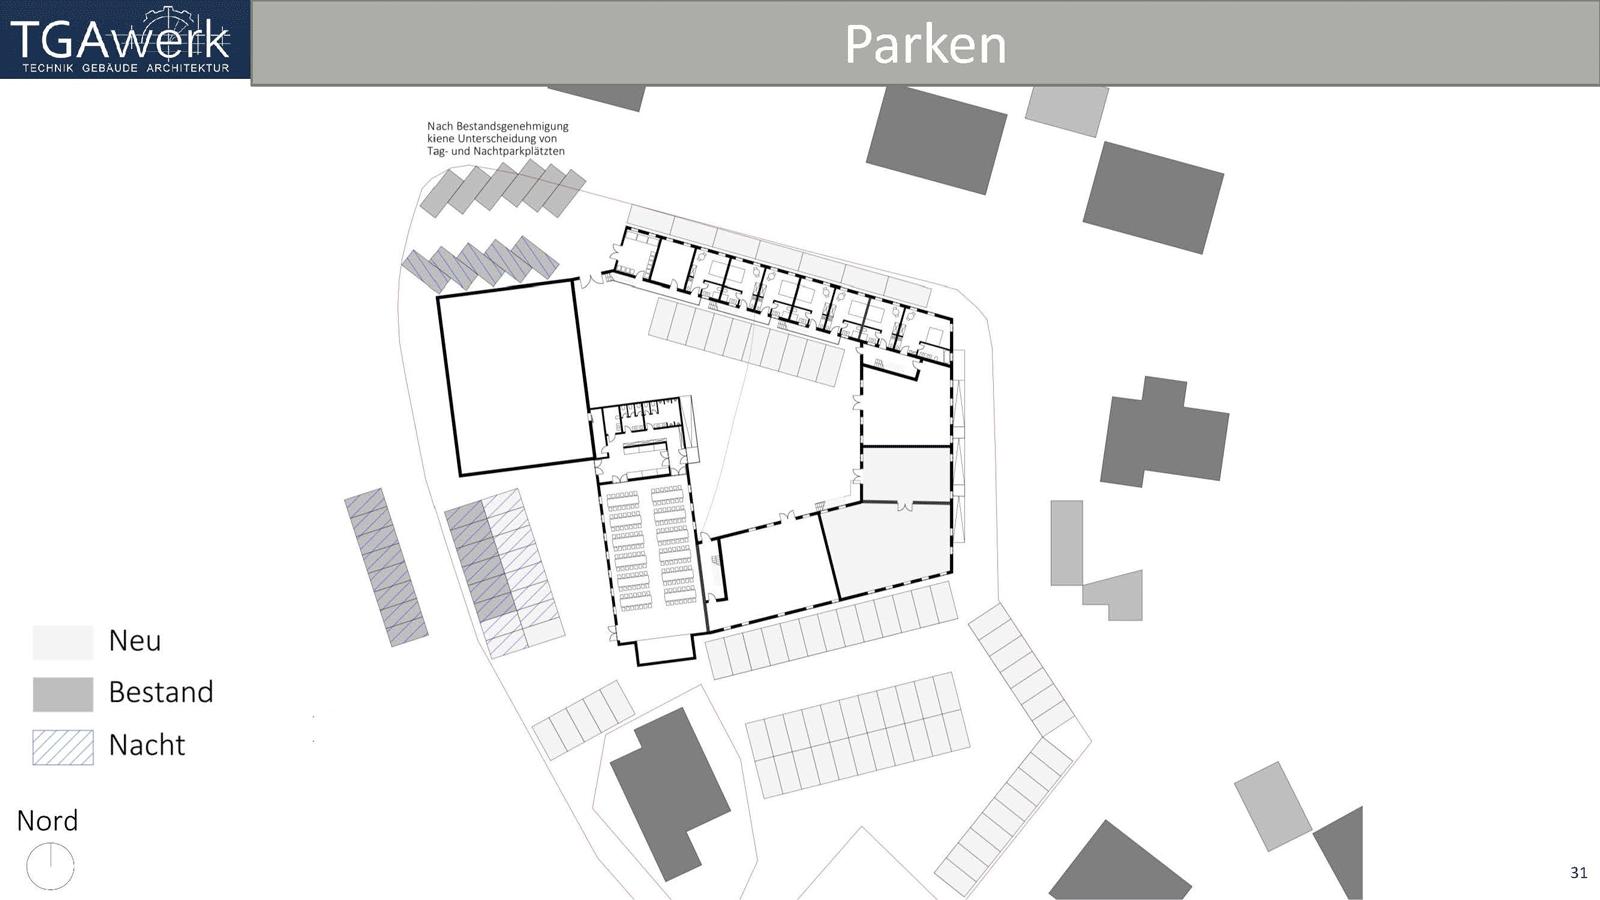 Parken Um Den Vierseithof